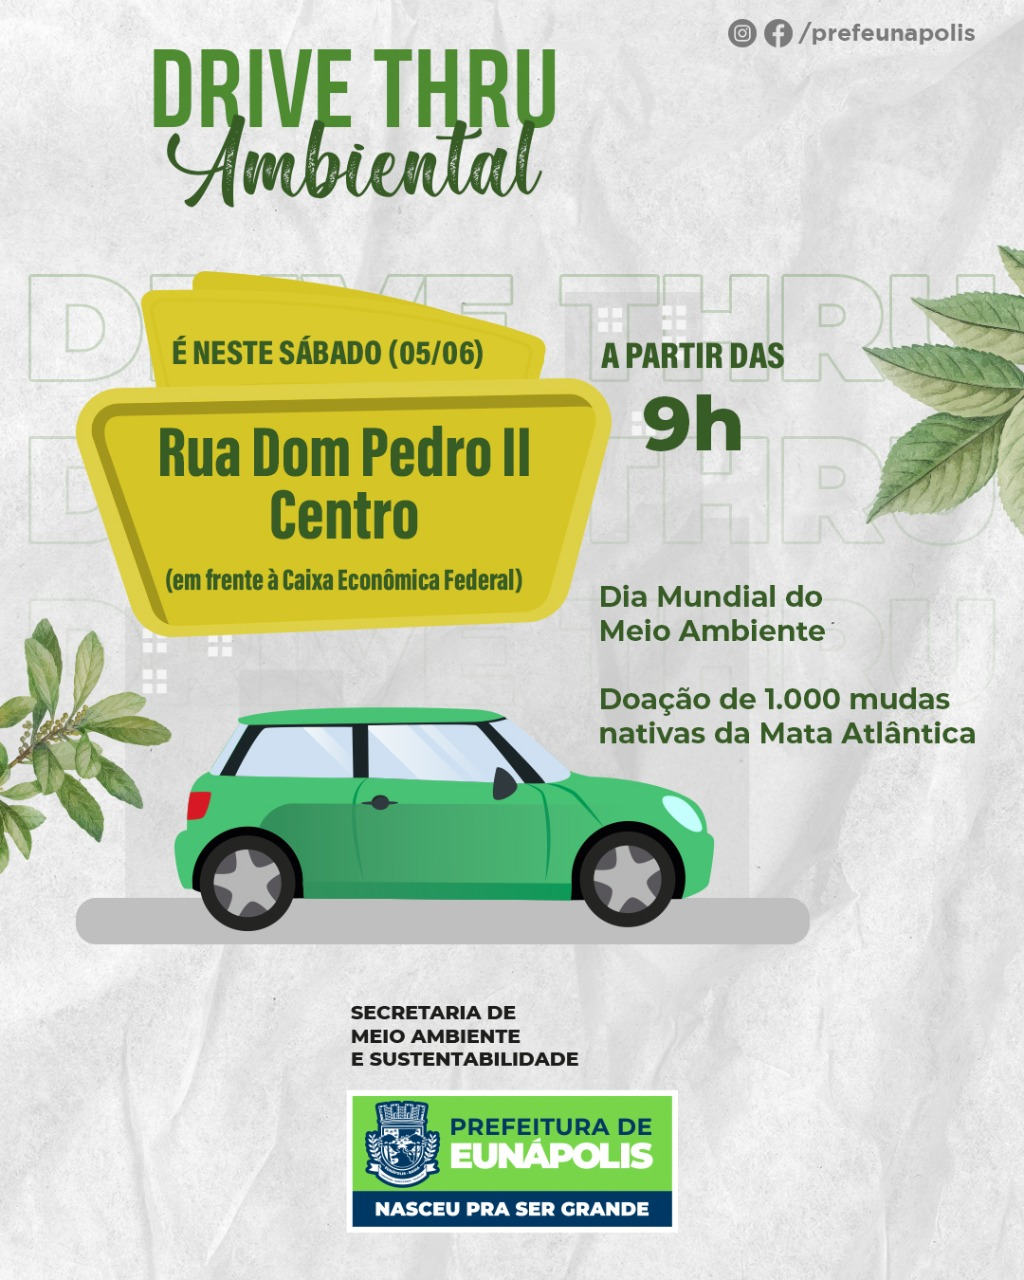 NO DIA MUNDIAL DO MEIO AMBIENTE - A Prefeitura de Eunápolis realiza o DRIVE THRU AMBIENTAL É neste sábado [05/06] a partir das 9 horas 18